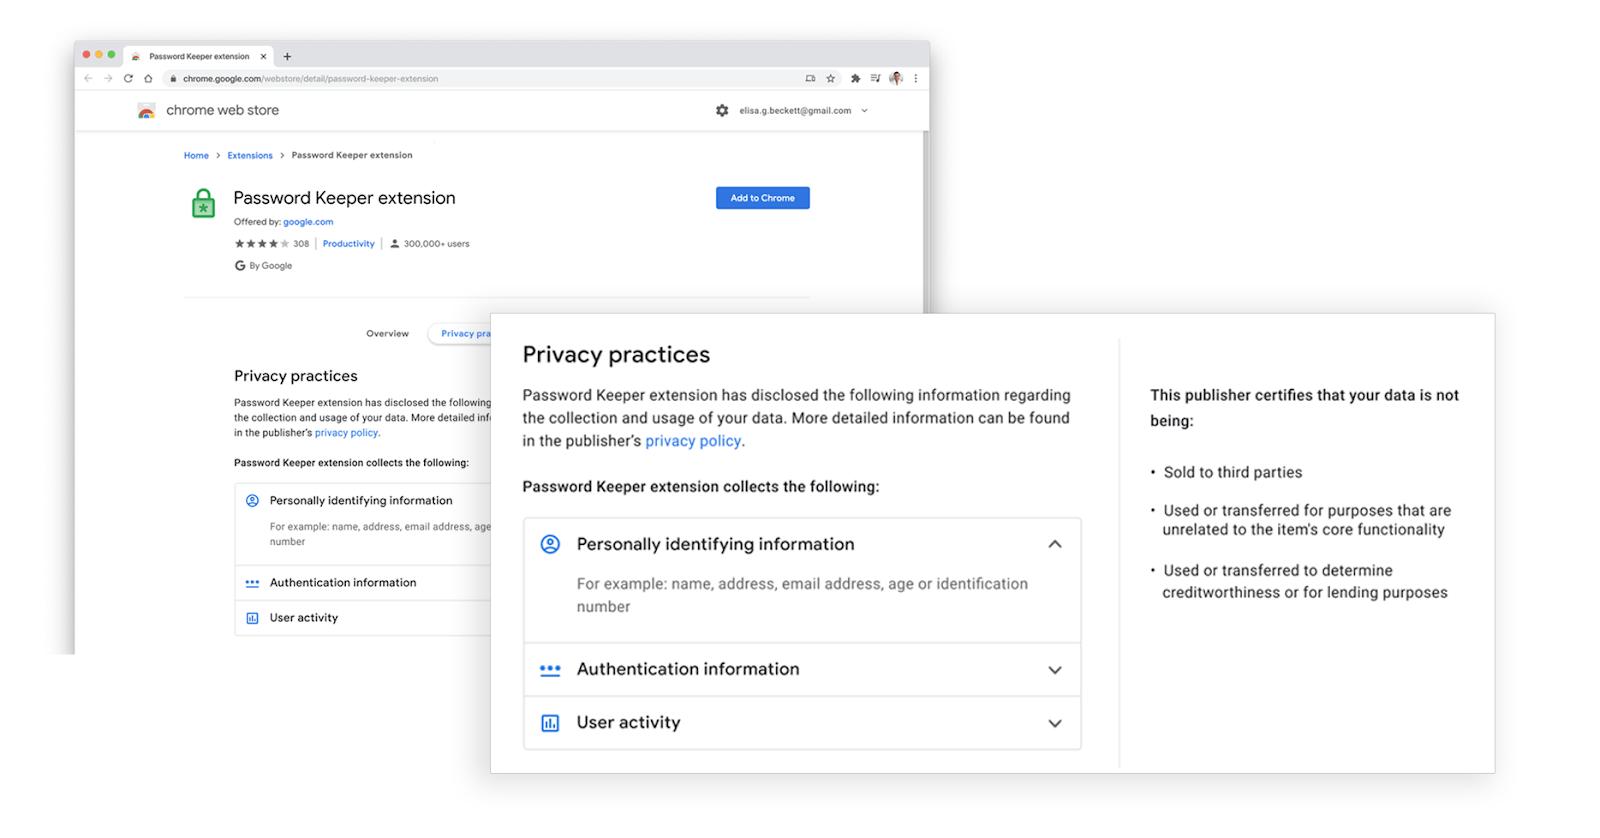 prácticas de privacidad de la tienda web de google chrome